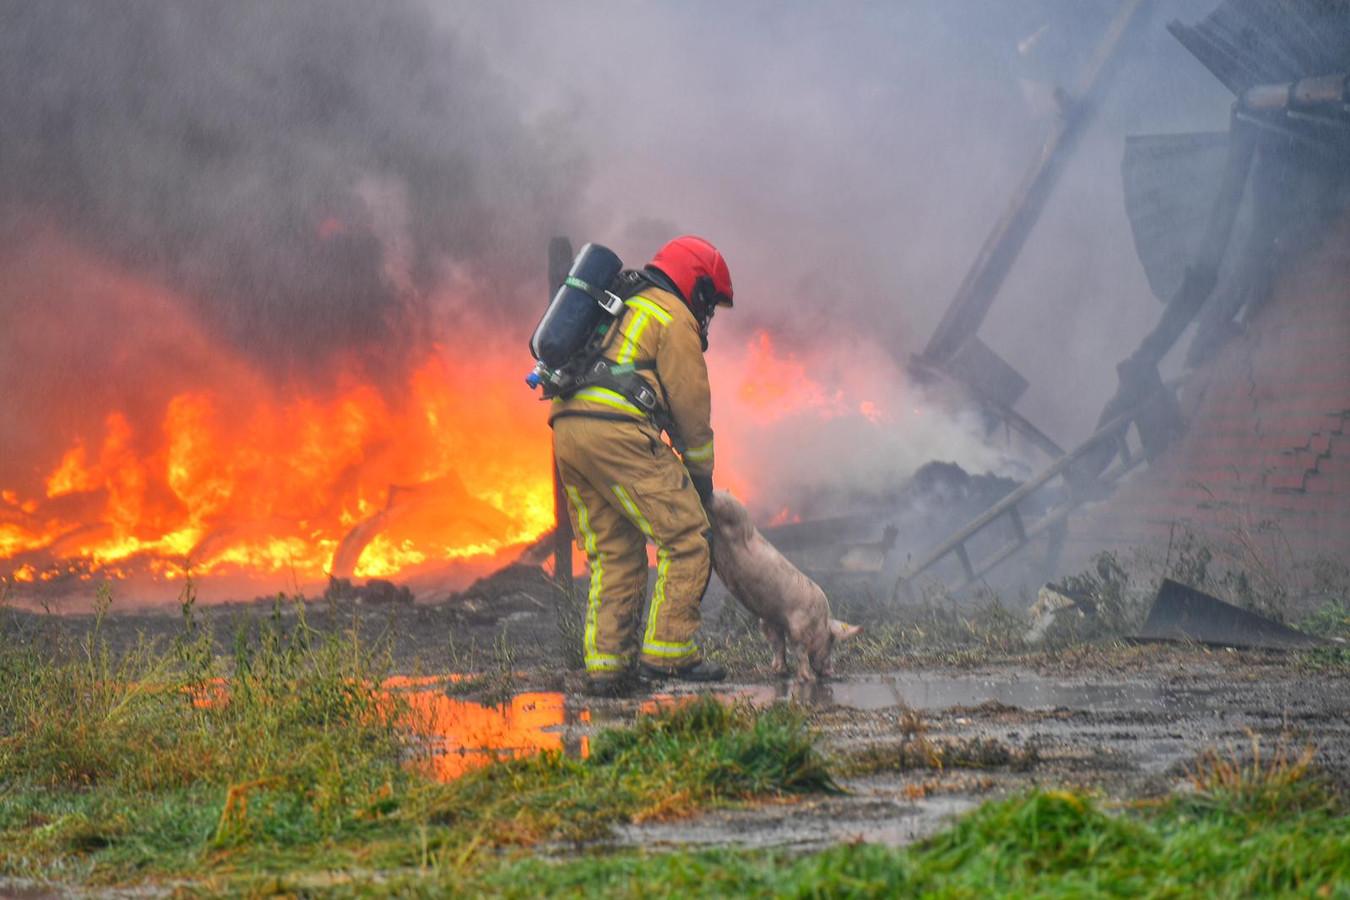 Brandweer aanwezig bij stalbrand in Heusden